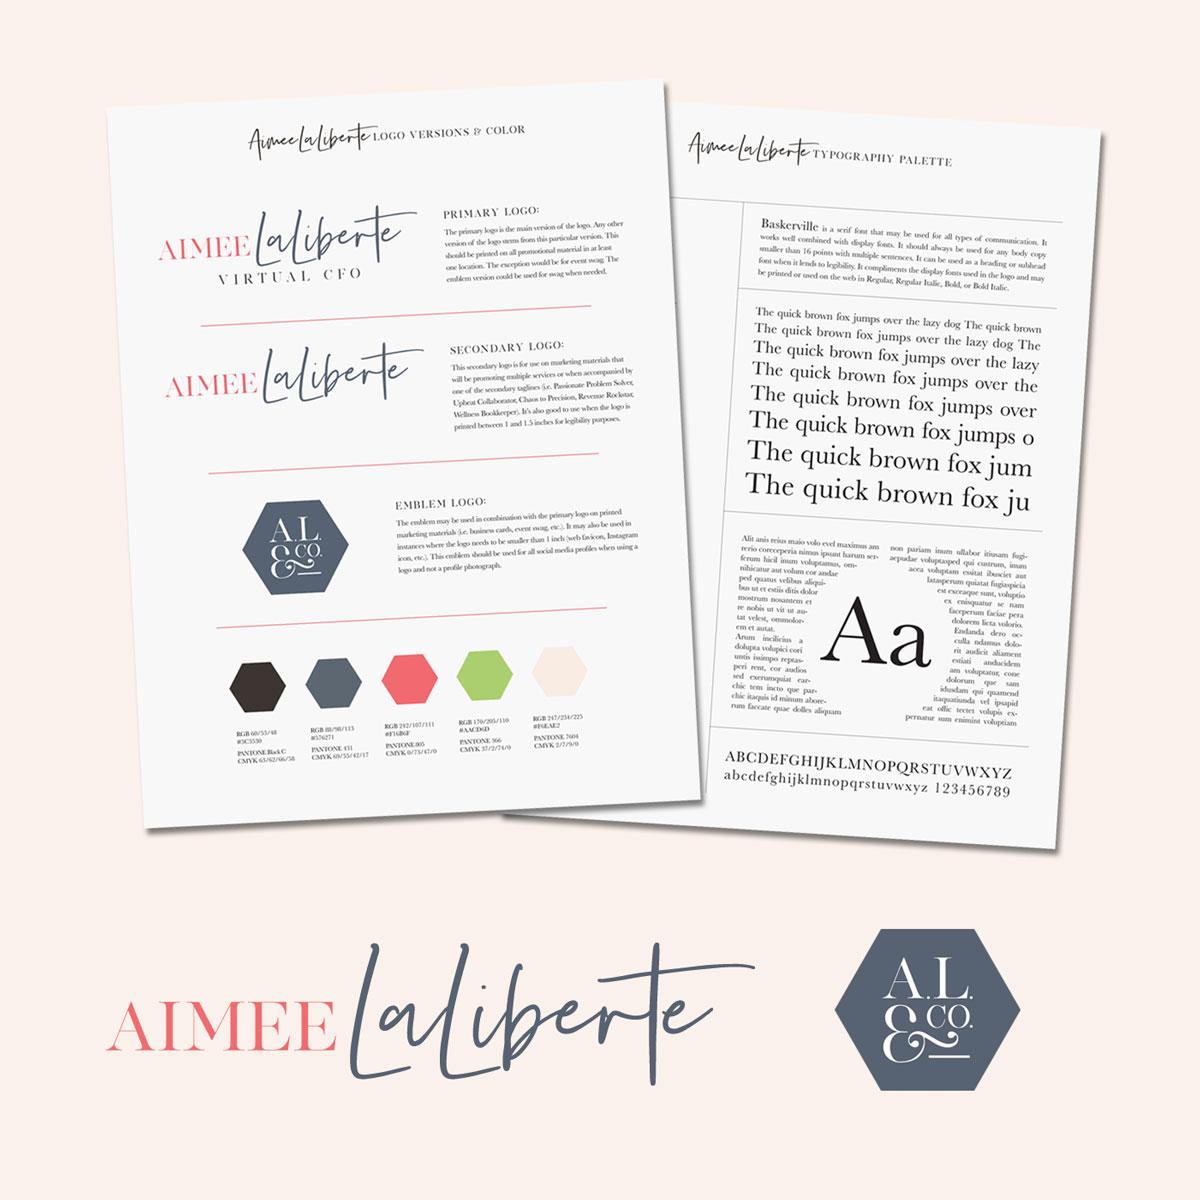 Aimee LaLiberte, Virtual CFO Style Guide